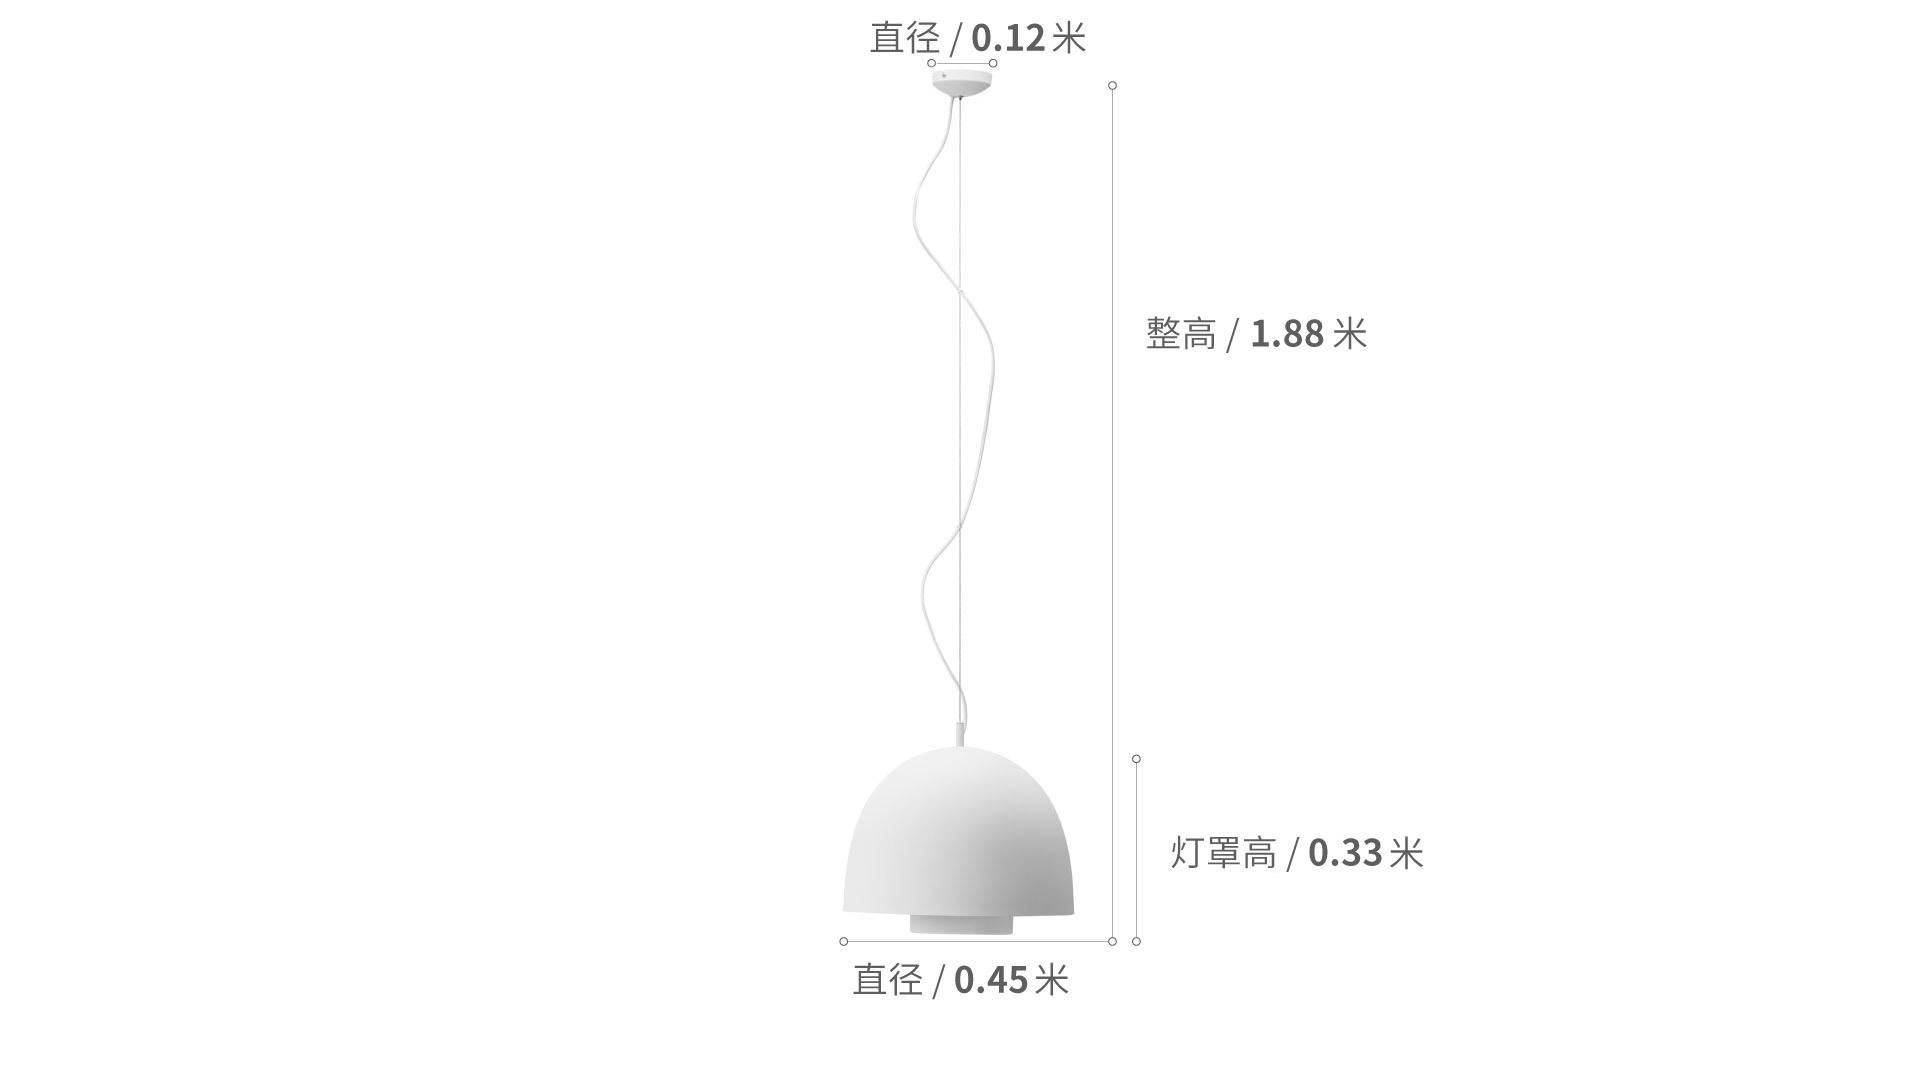 蘑菇吊灯大号灯具效果图